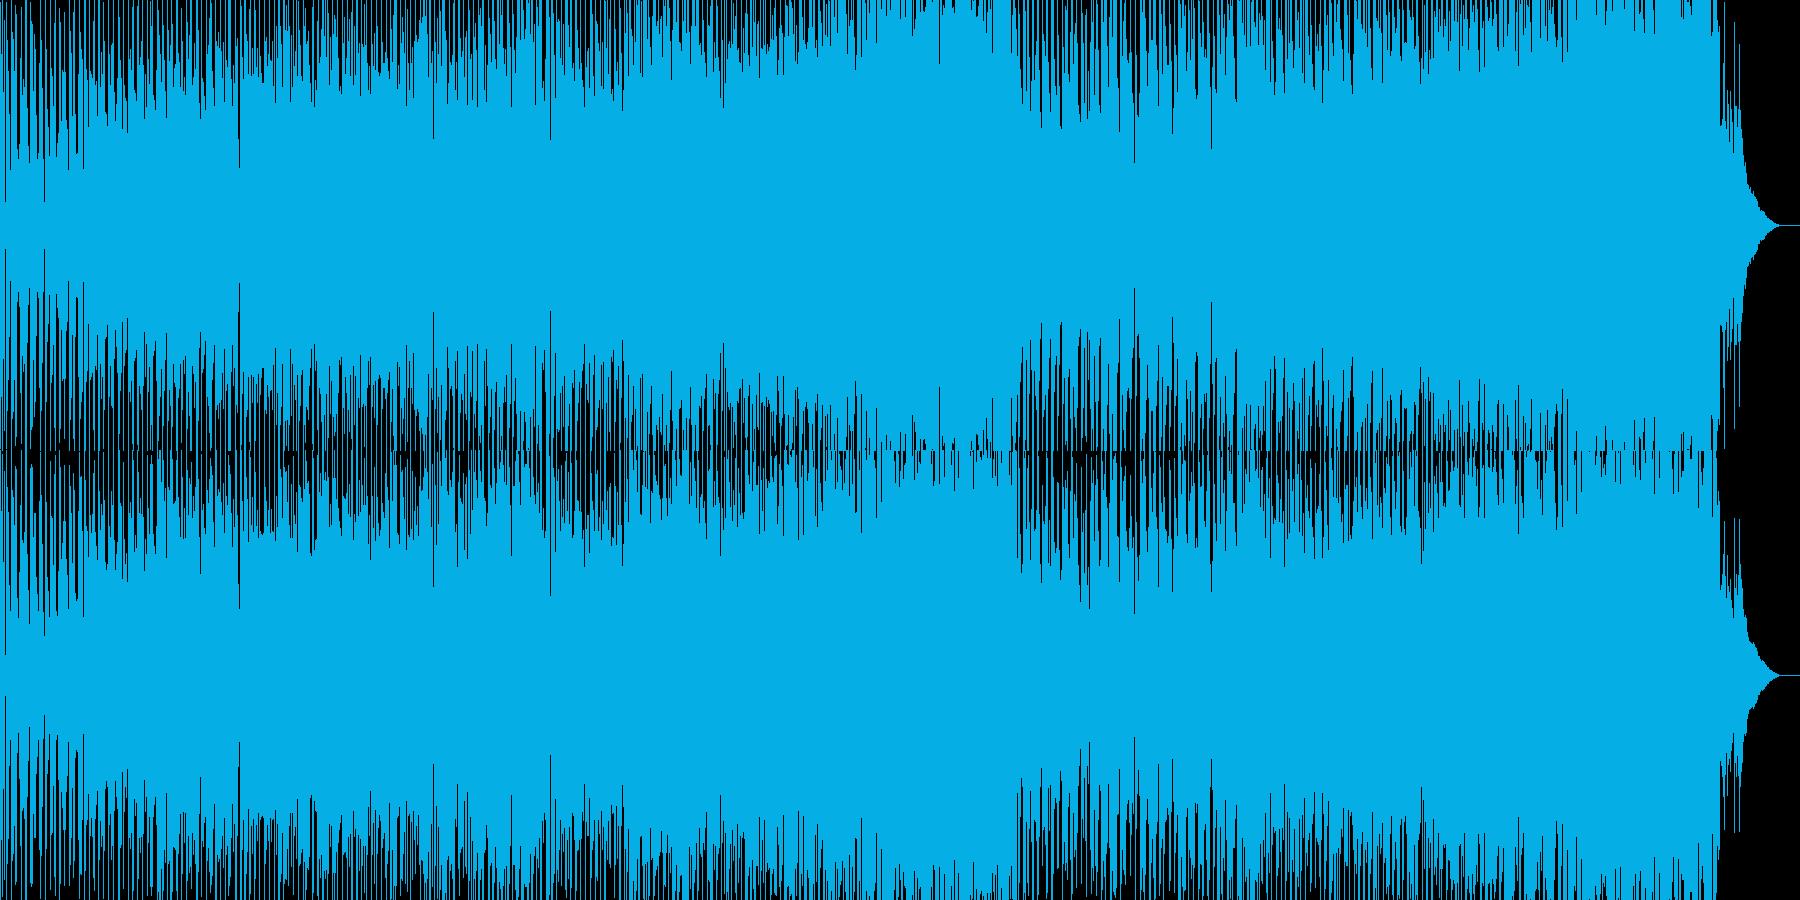 ぶらぶら気ままに散歩しているようなBGMの再生済みの波形